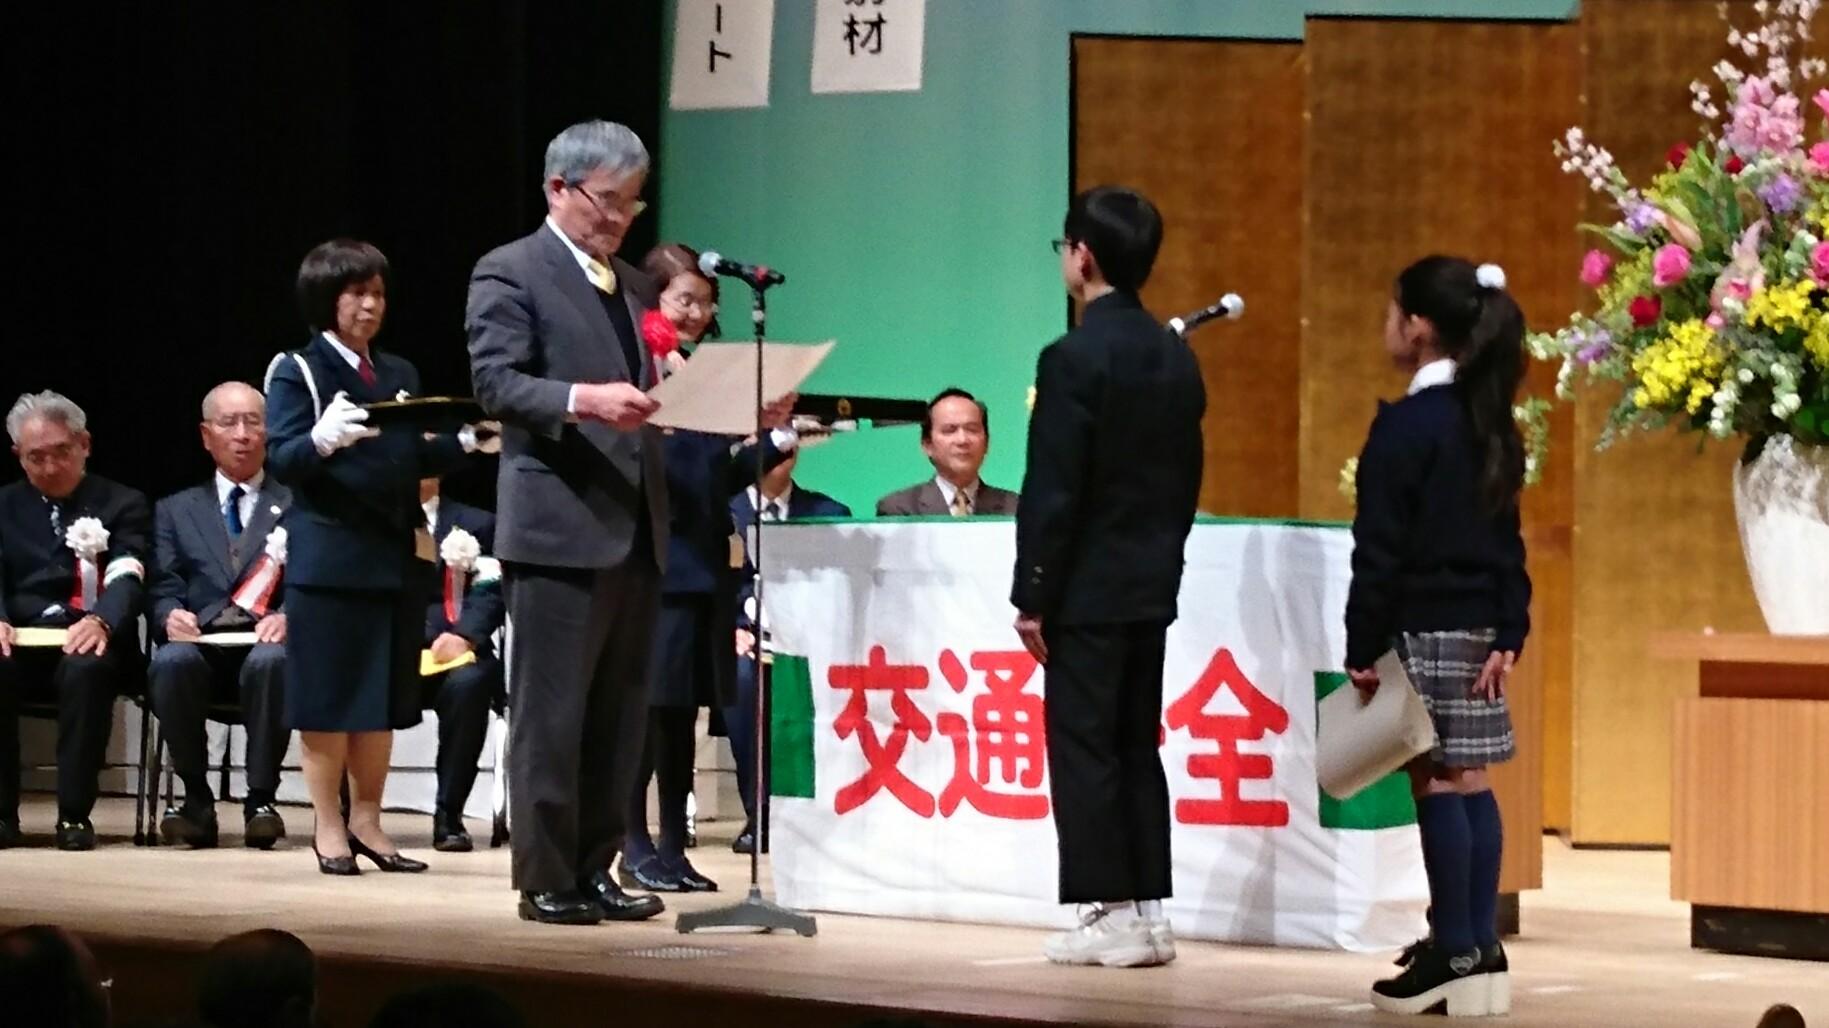 2017.2.25 あんじょうし交通安全市民大会 (8) ポスター展市議会議長賞(大)